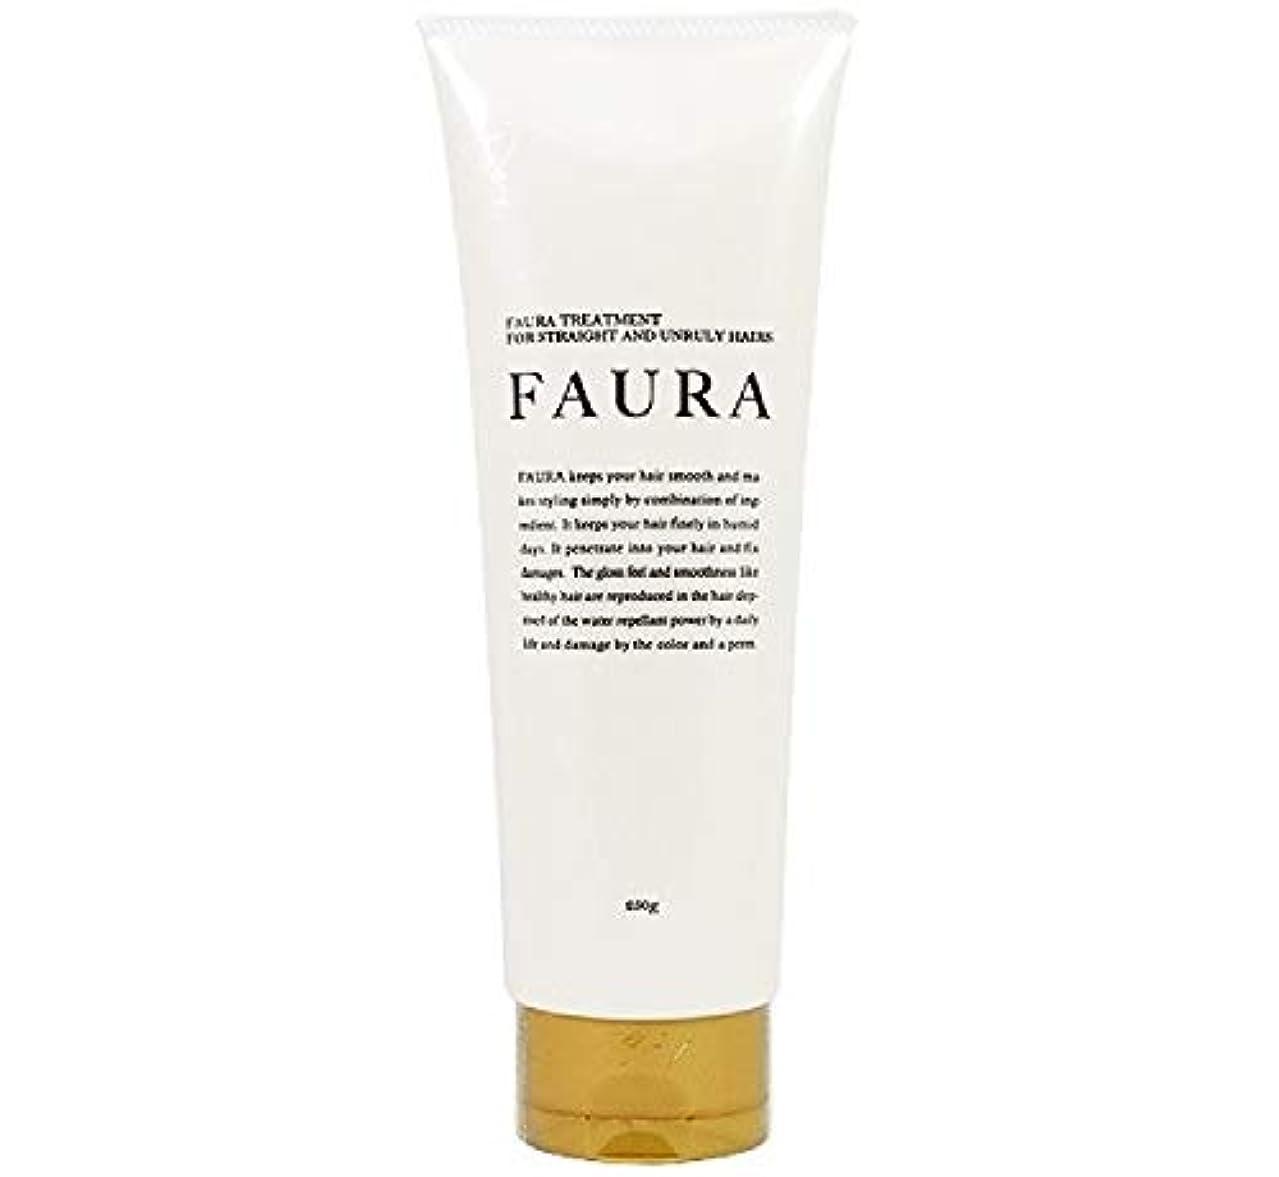 探す不毛いっぱい【発売1年で3万本の売上】FAURA ファウラ ヘアトリートメント (傷んだ髪に) 250g 【サロン専売品】